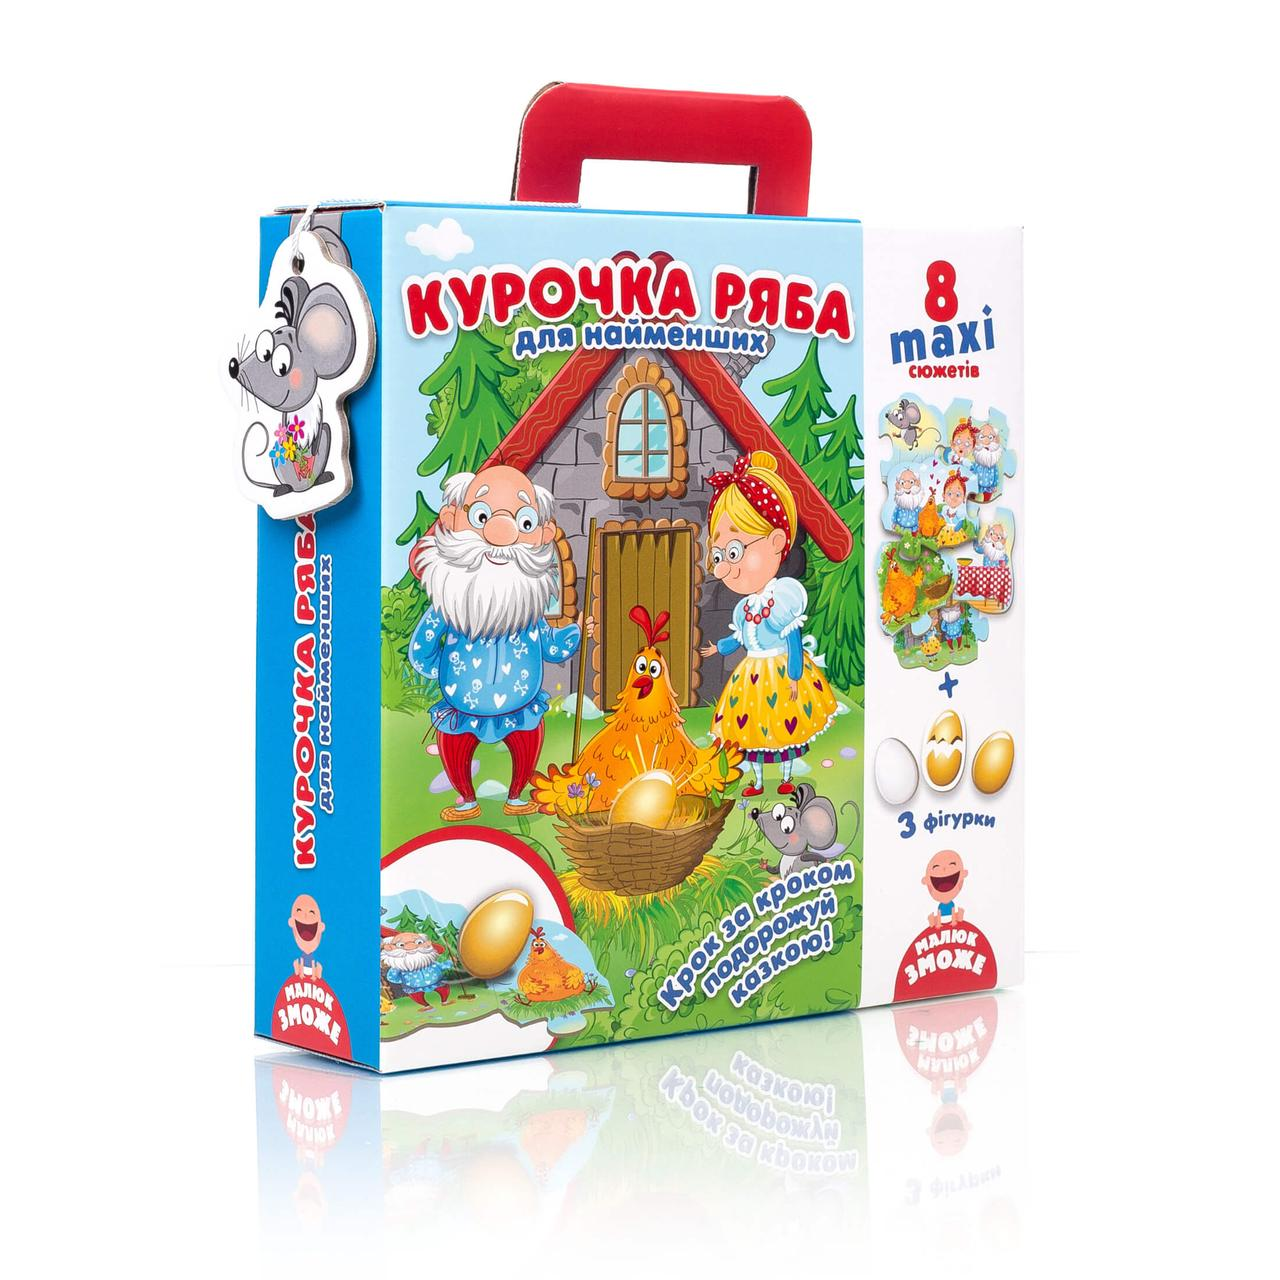 """Максі пазли """"Подорож казкою Курочка Ряба"""" для найменших, Vladi Toys"""